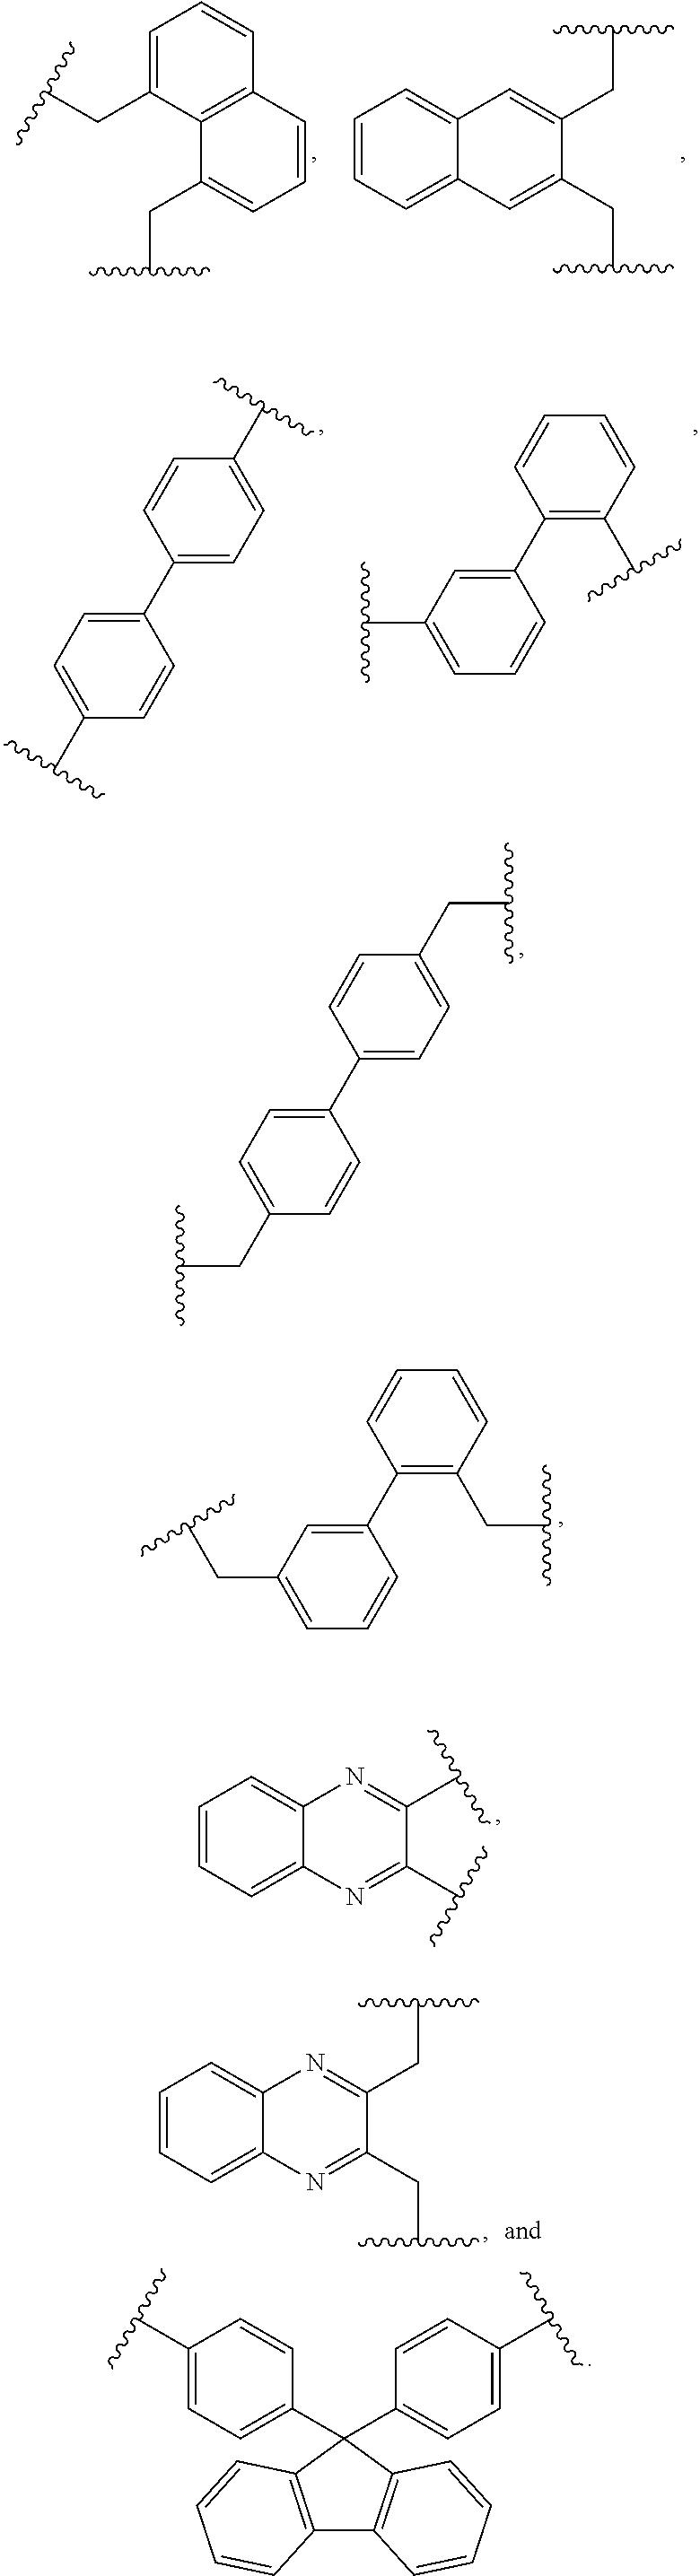 Figure US09785030-20171010-C00105